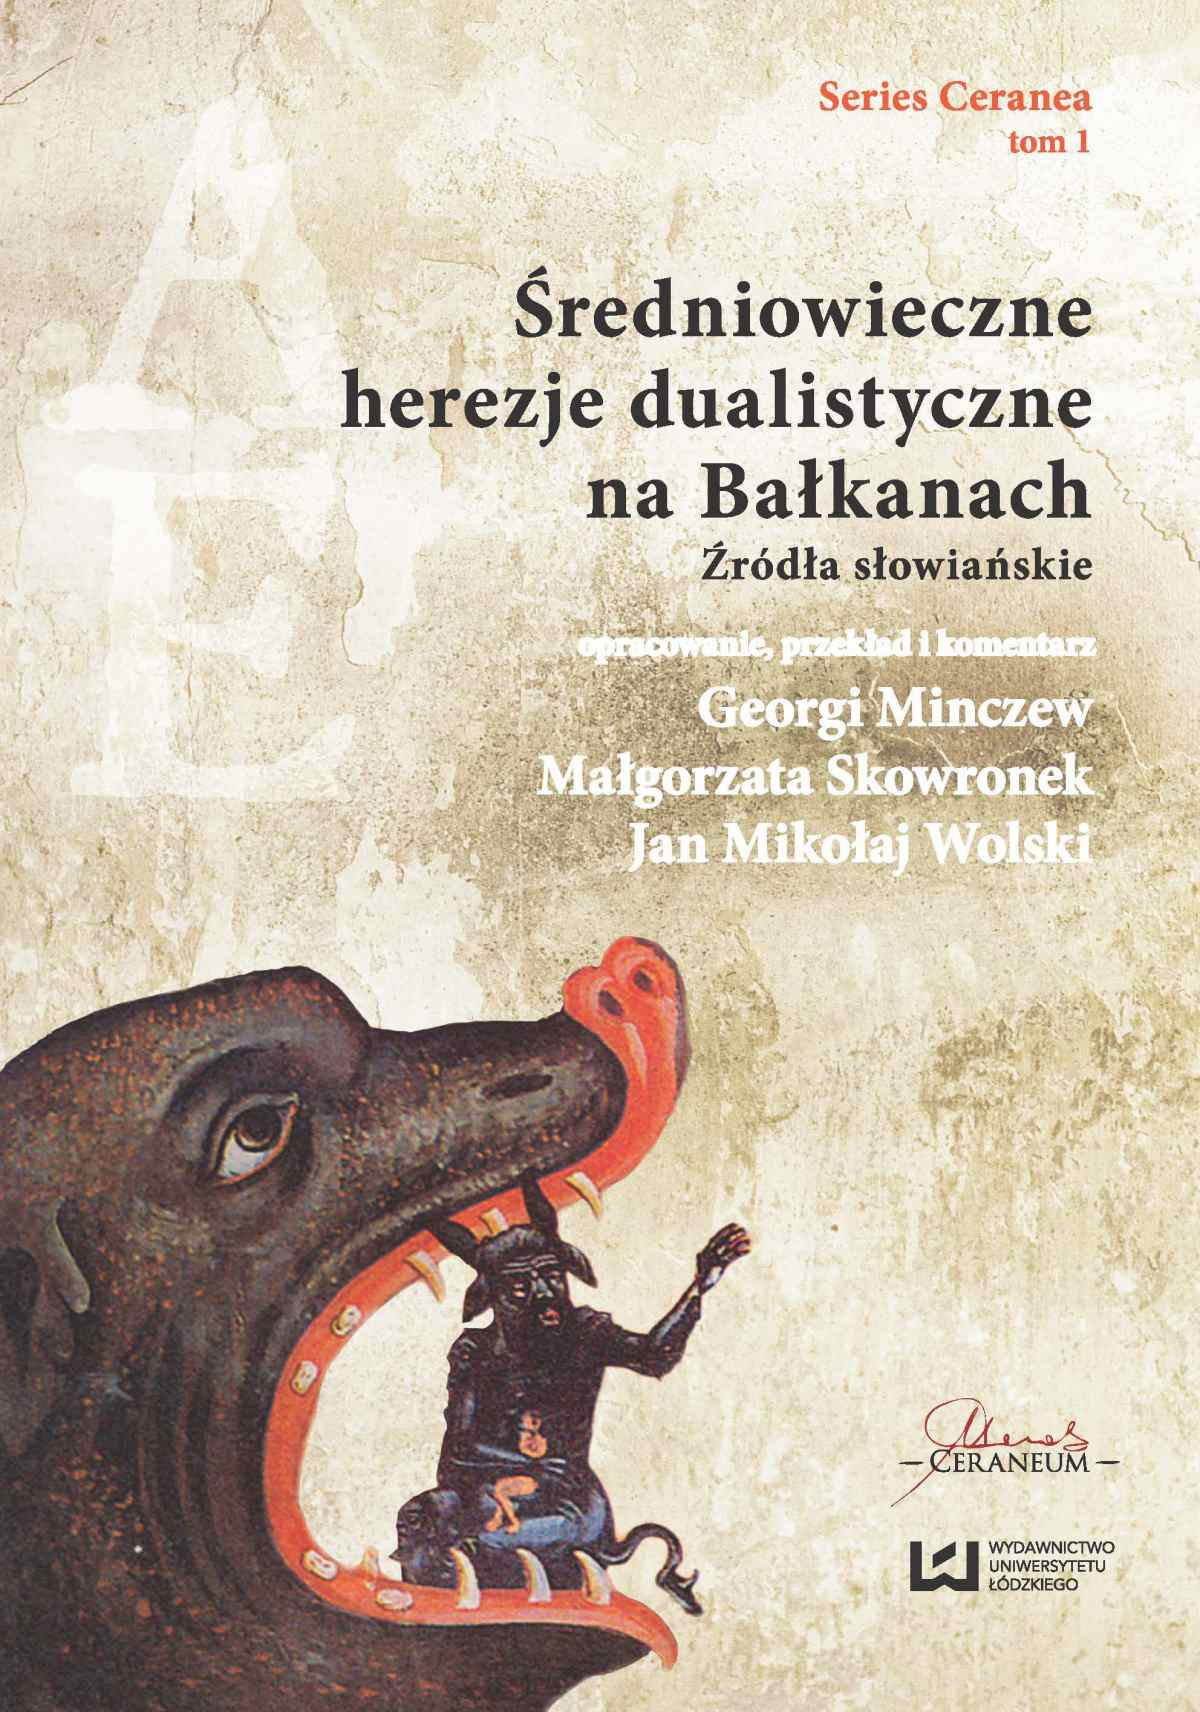 Średniowieczne herezje dualistyczne na Bałkanach. Źródła słowiańskie - Ebook (Książka PDF) do pobrania w formacie PDF